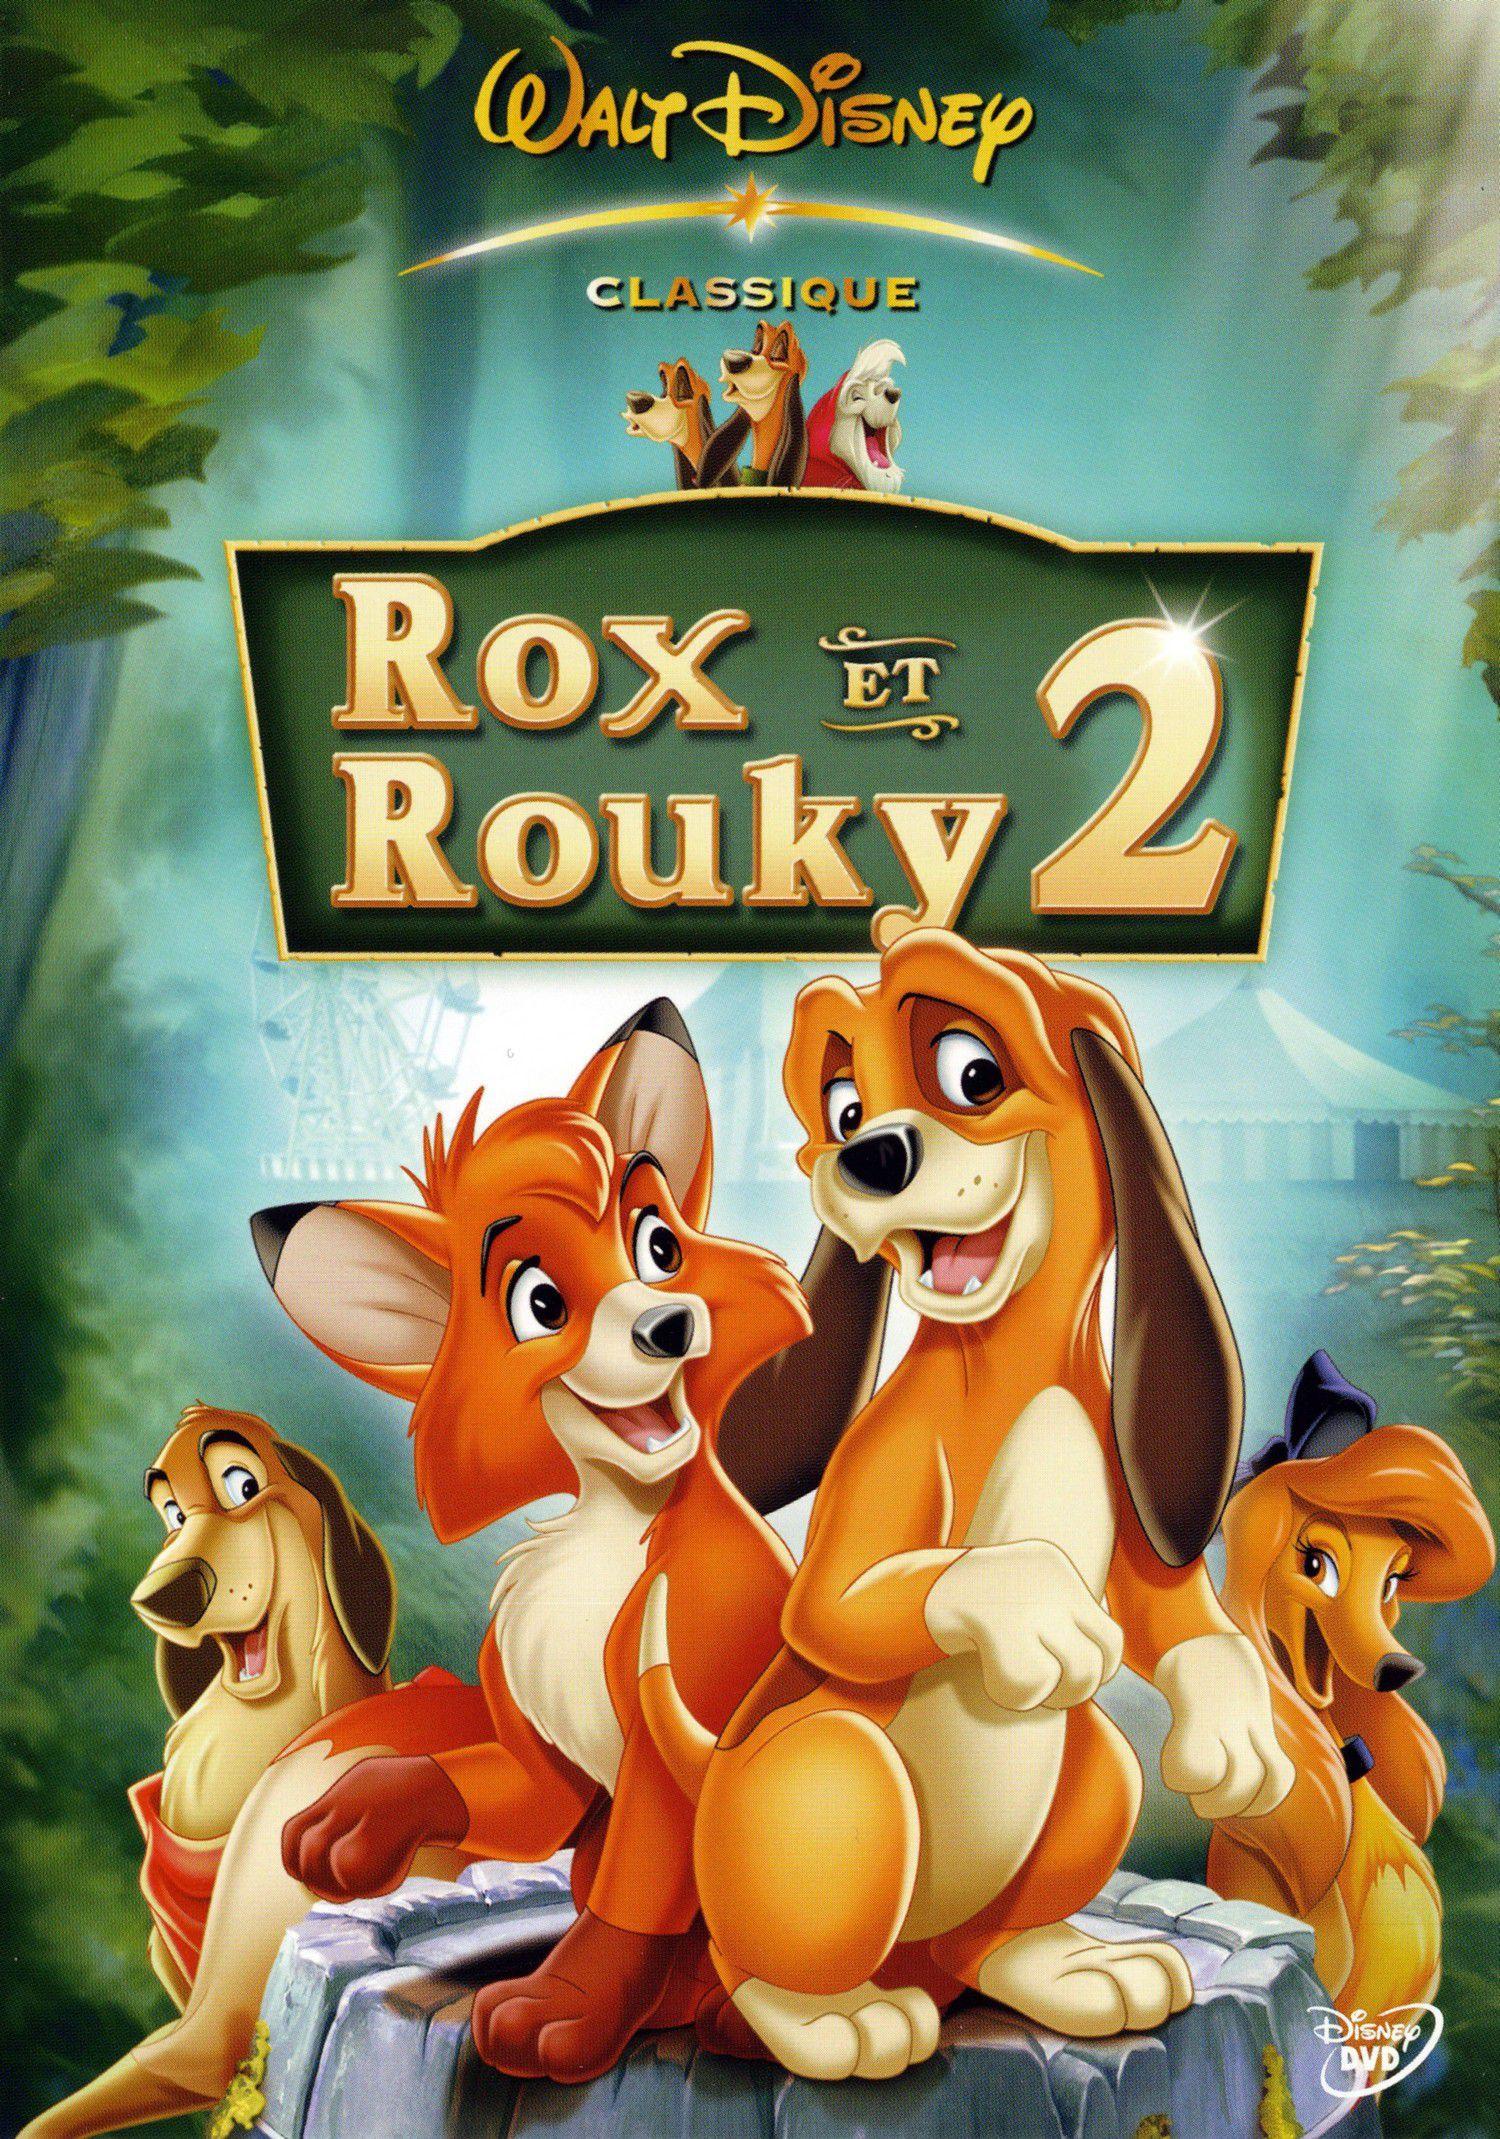 affiche poster rox rouky fox hound 2 disney